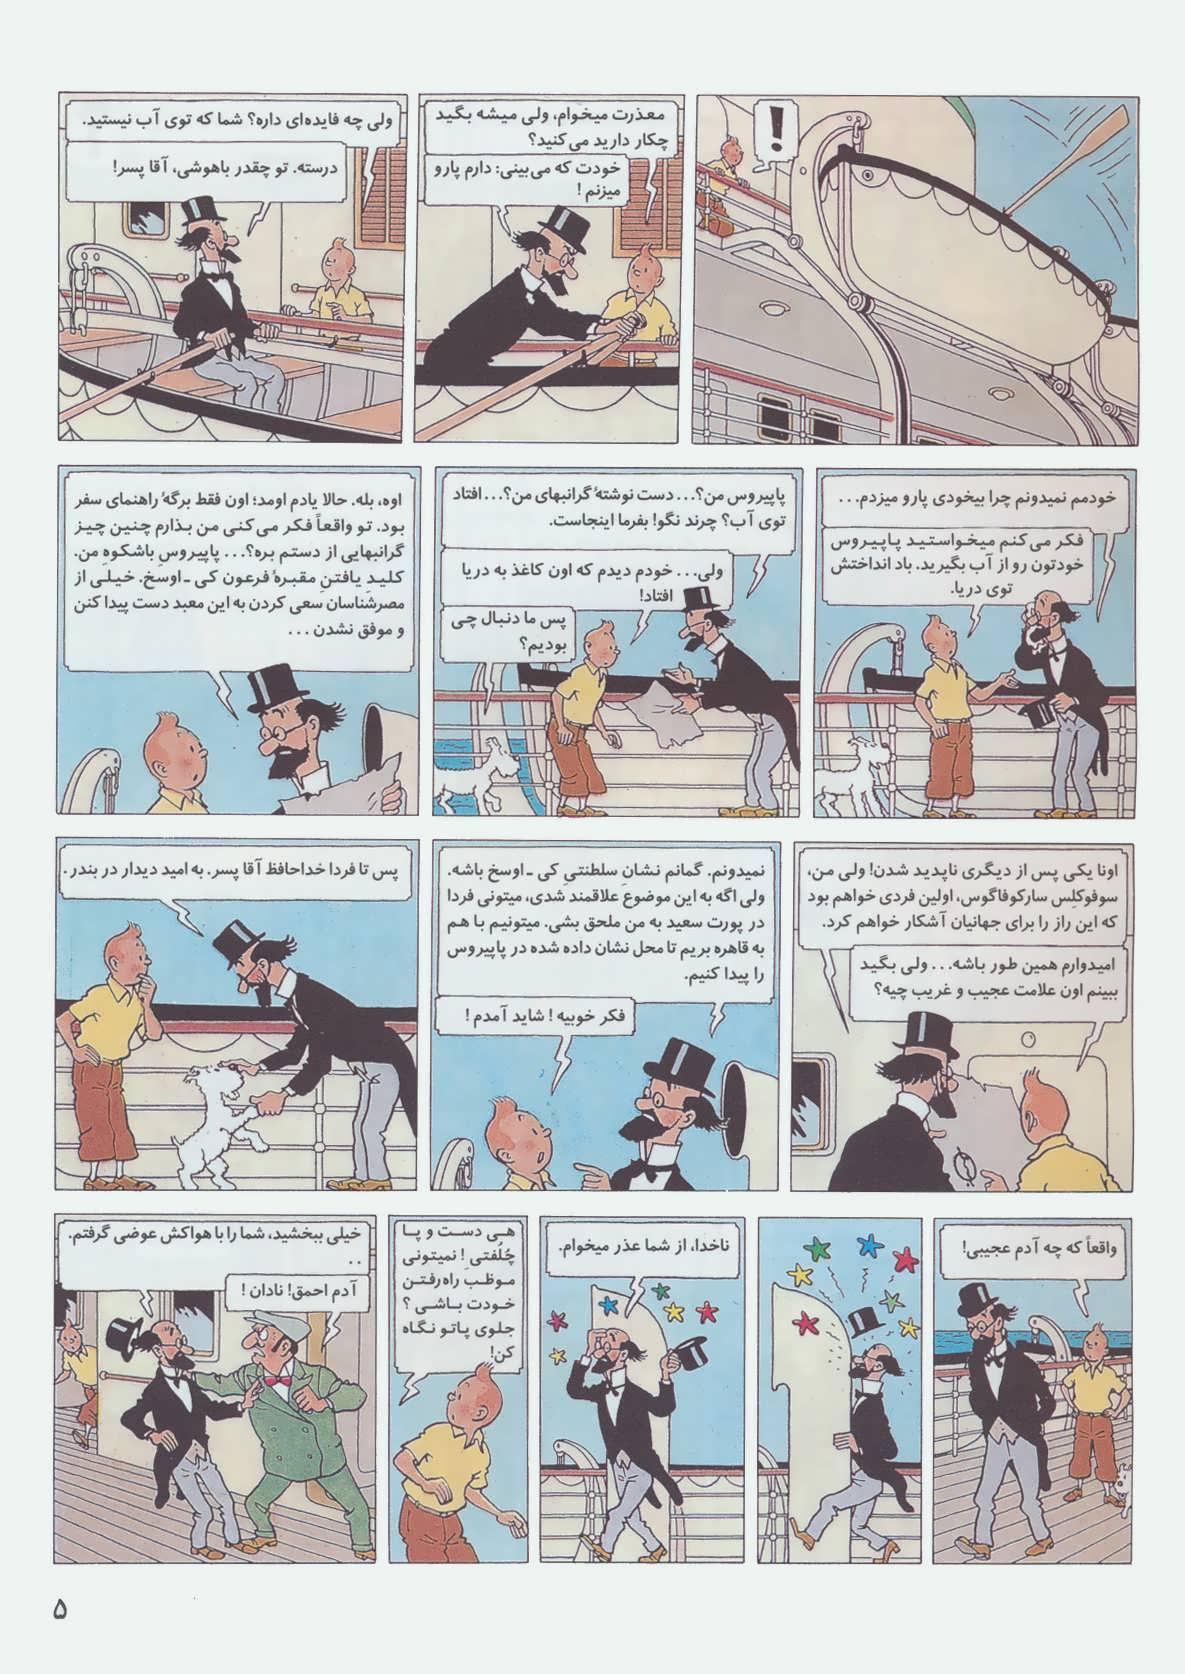 تن تن 4 (سیگارهای فرعون)